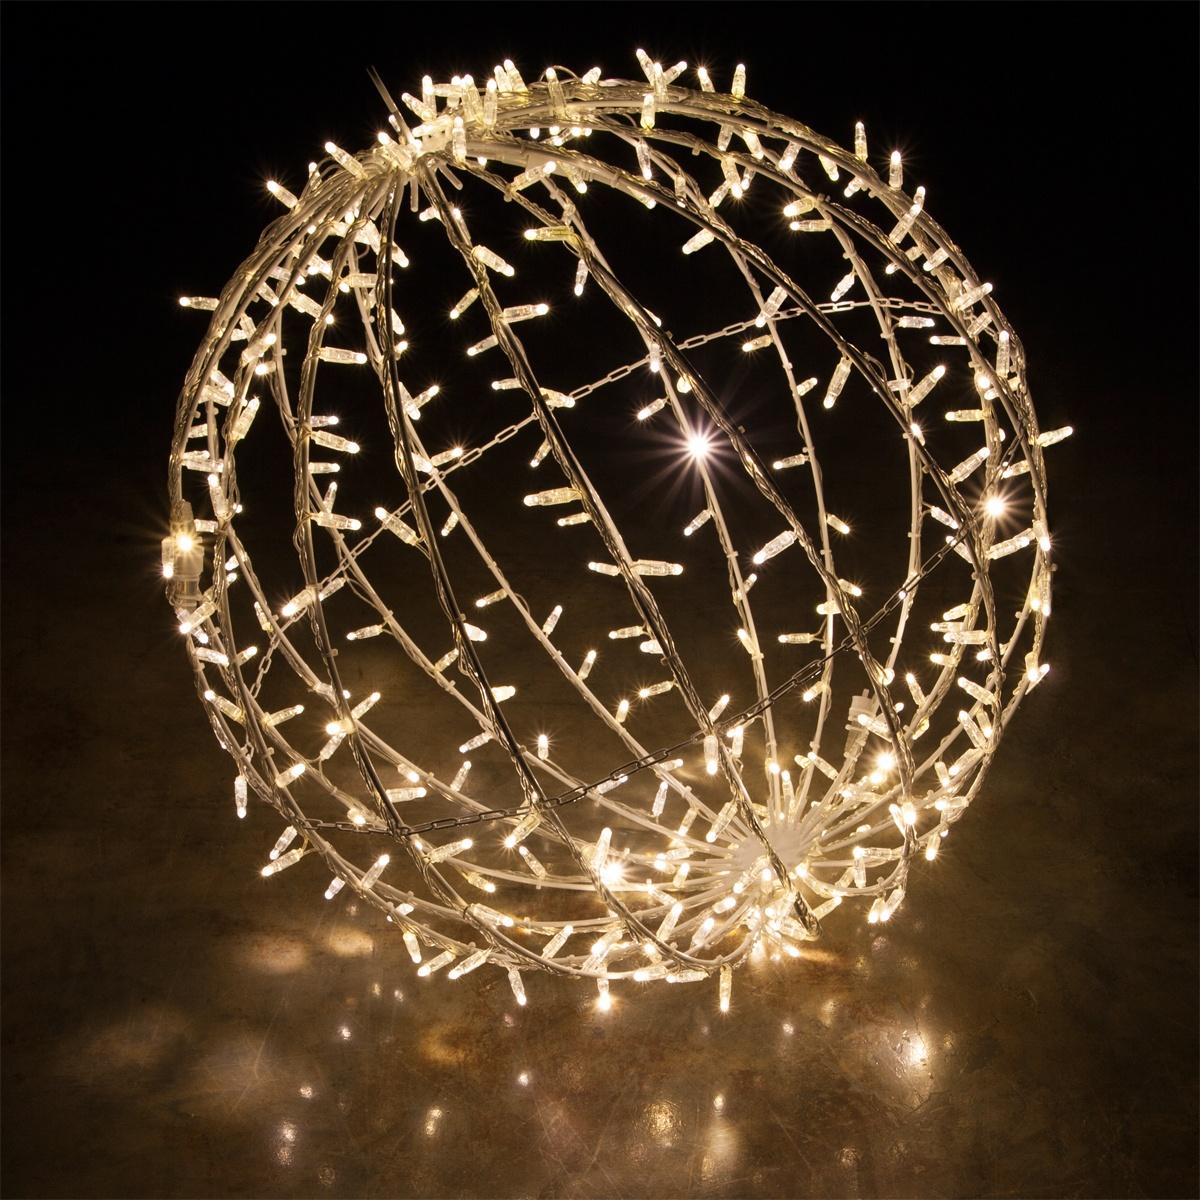 White LED, Commercial Mega Sphere Christmas Light Ball, Fold Flat